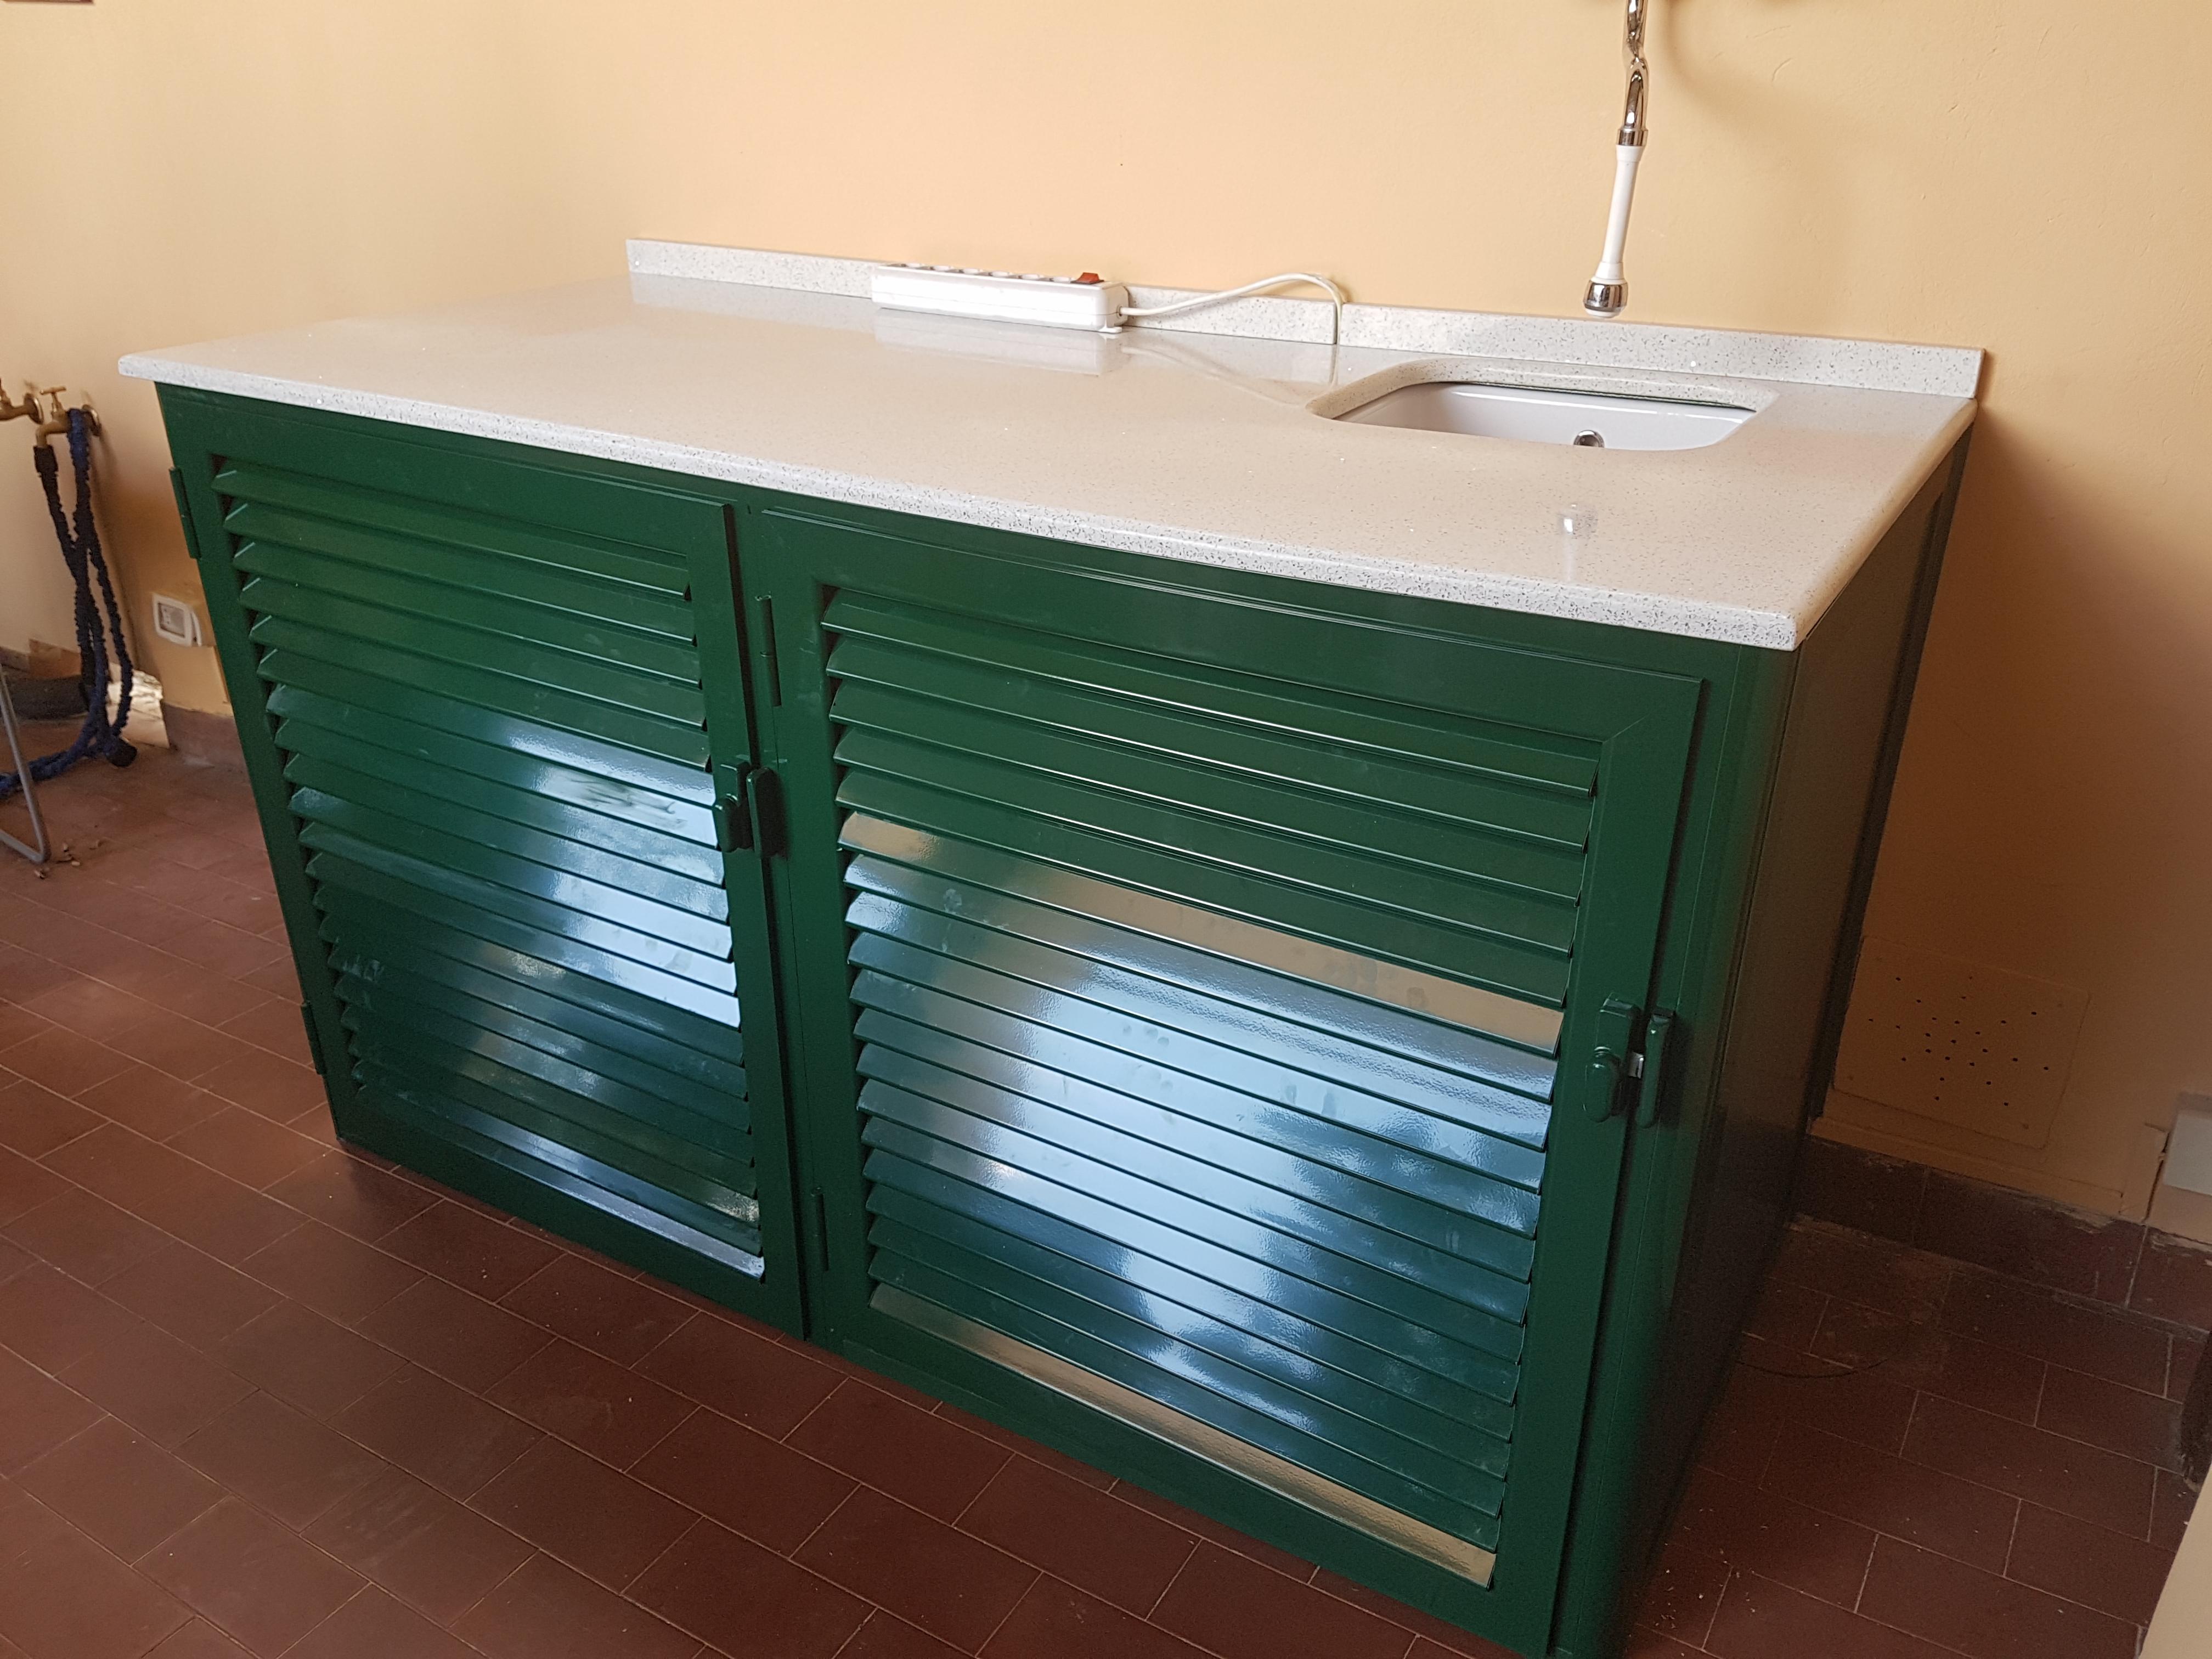 Fotografia di un armadio verde 6005 a doghe chiuse coprilavatrice con top in quarzo e lavandino sotto top (chiuso).